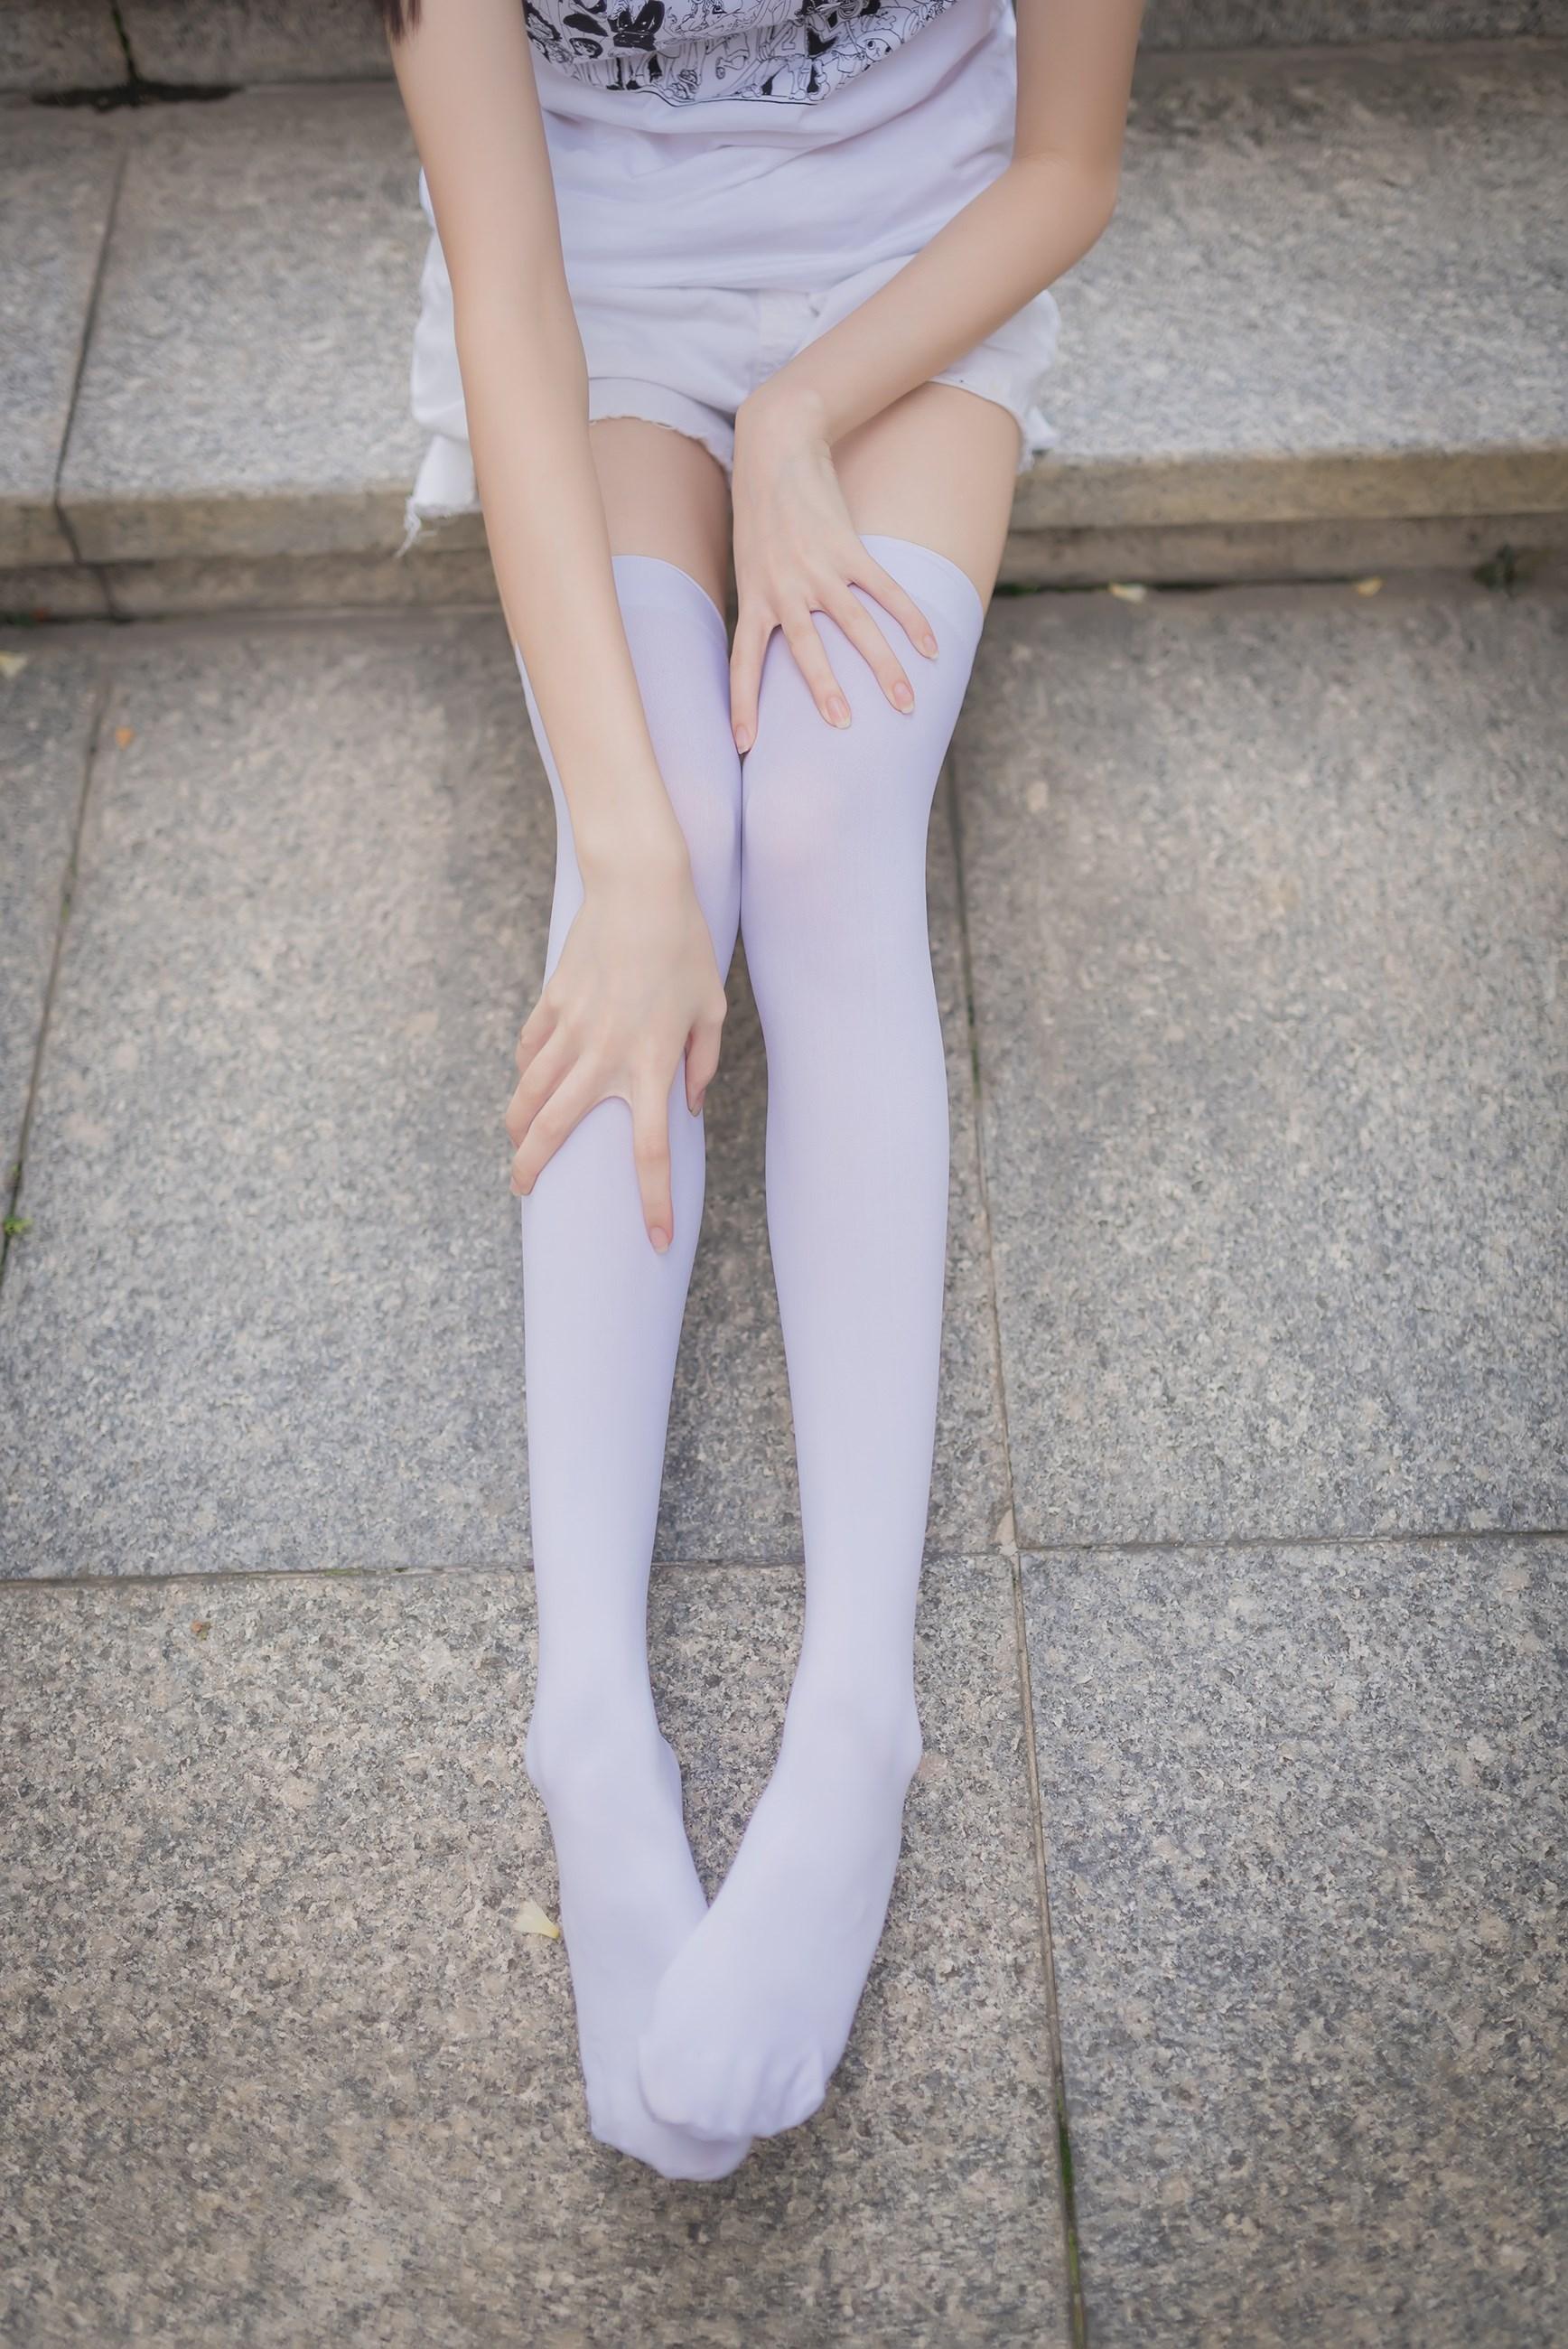 【兔玩映画】白丝过膝袜 兔玩映画 第6张